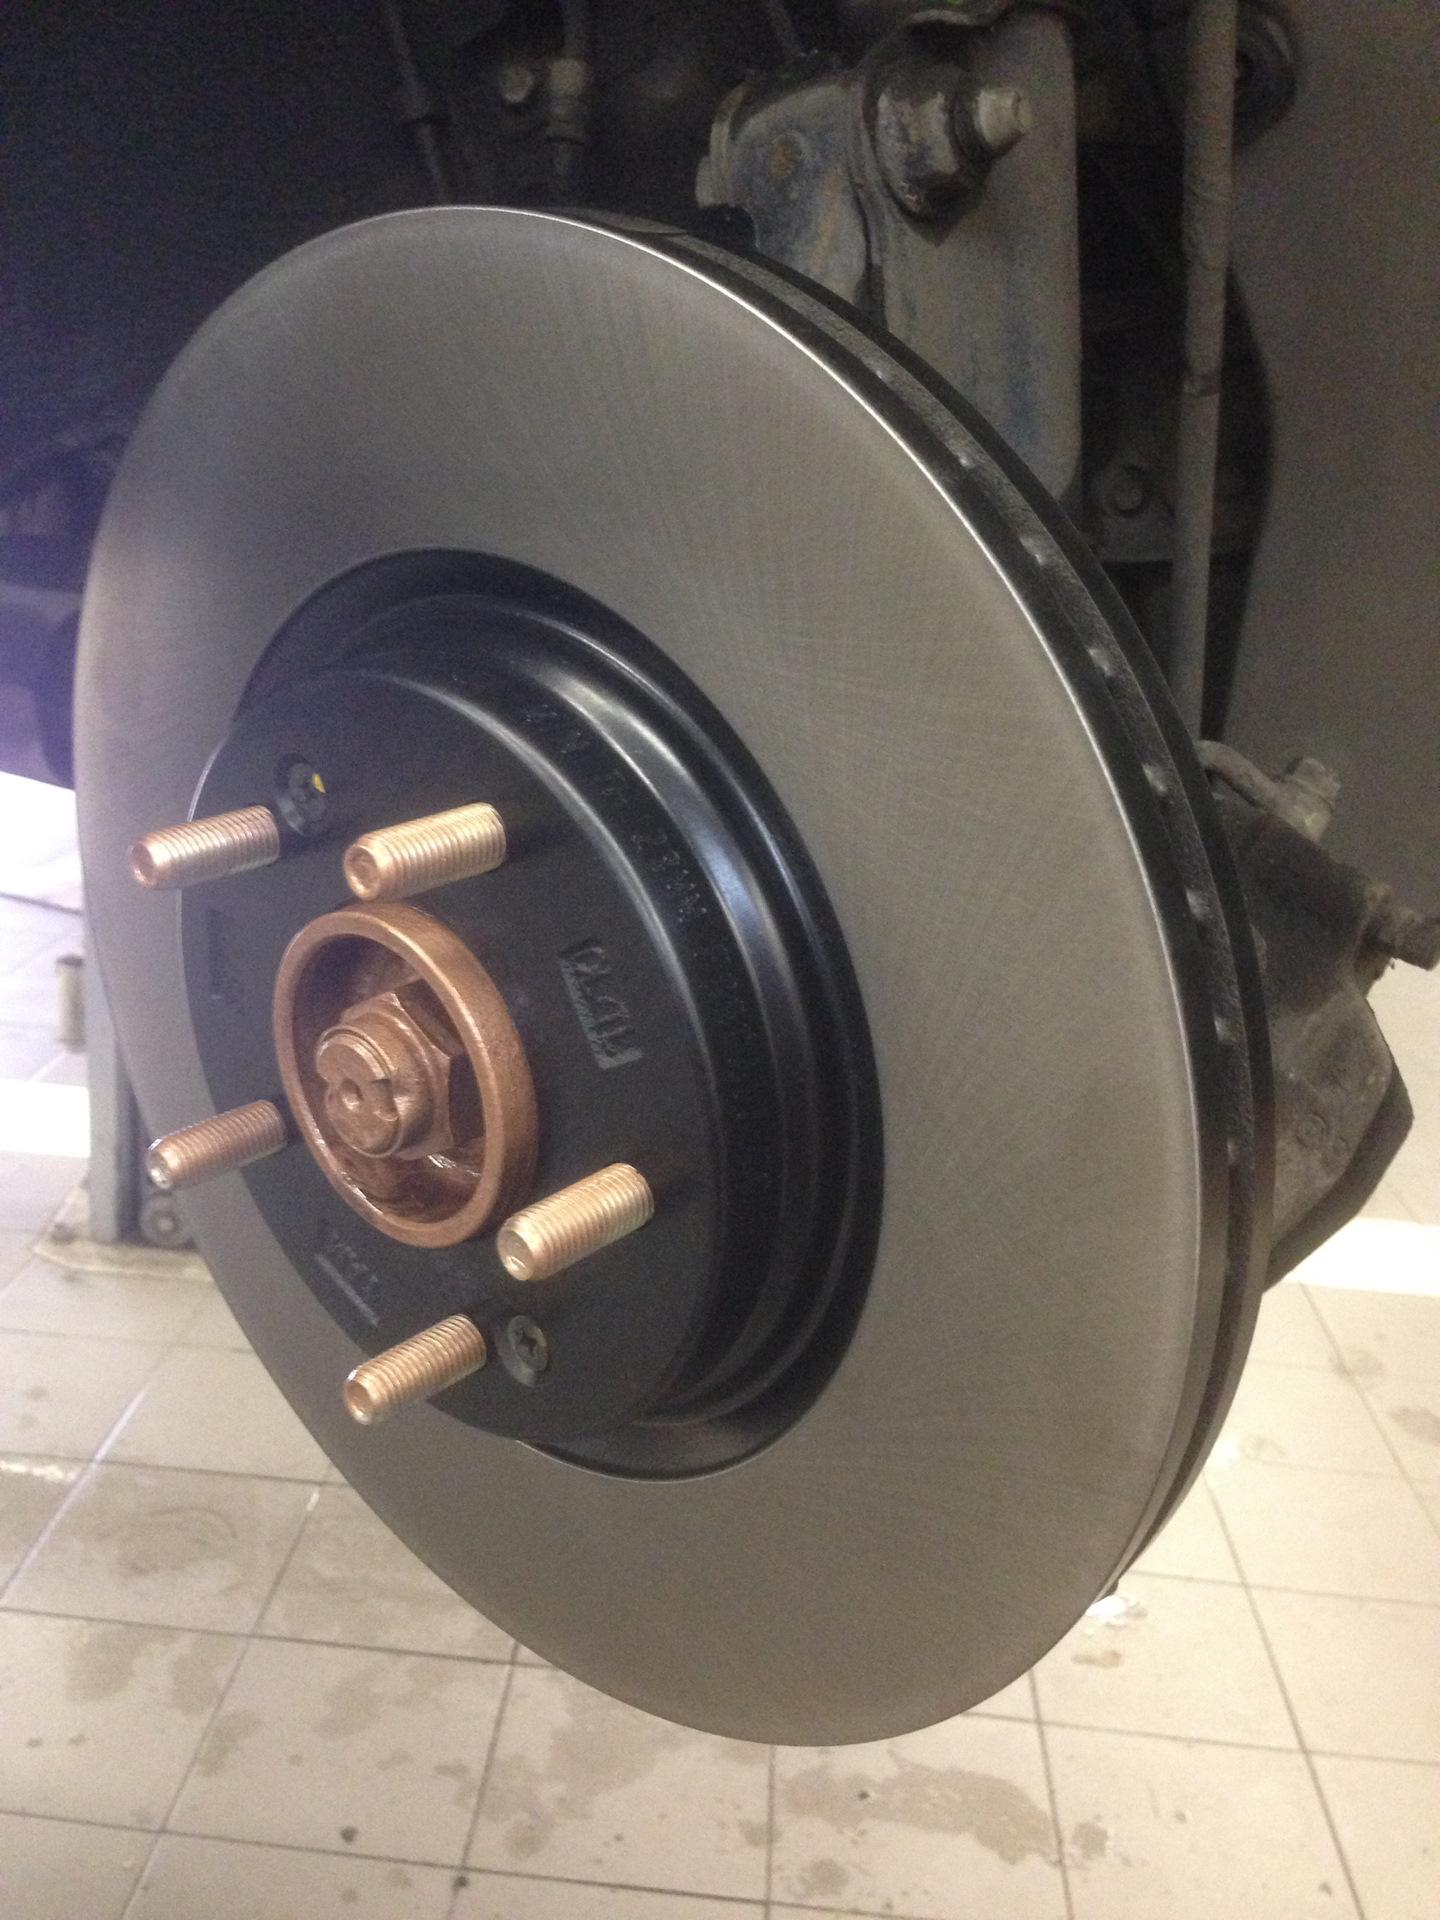 приема цветных замена тормозных дисков по гаранти аспектов транзитного